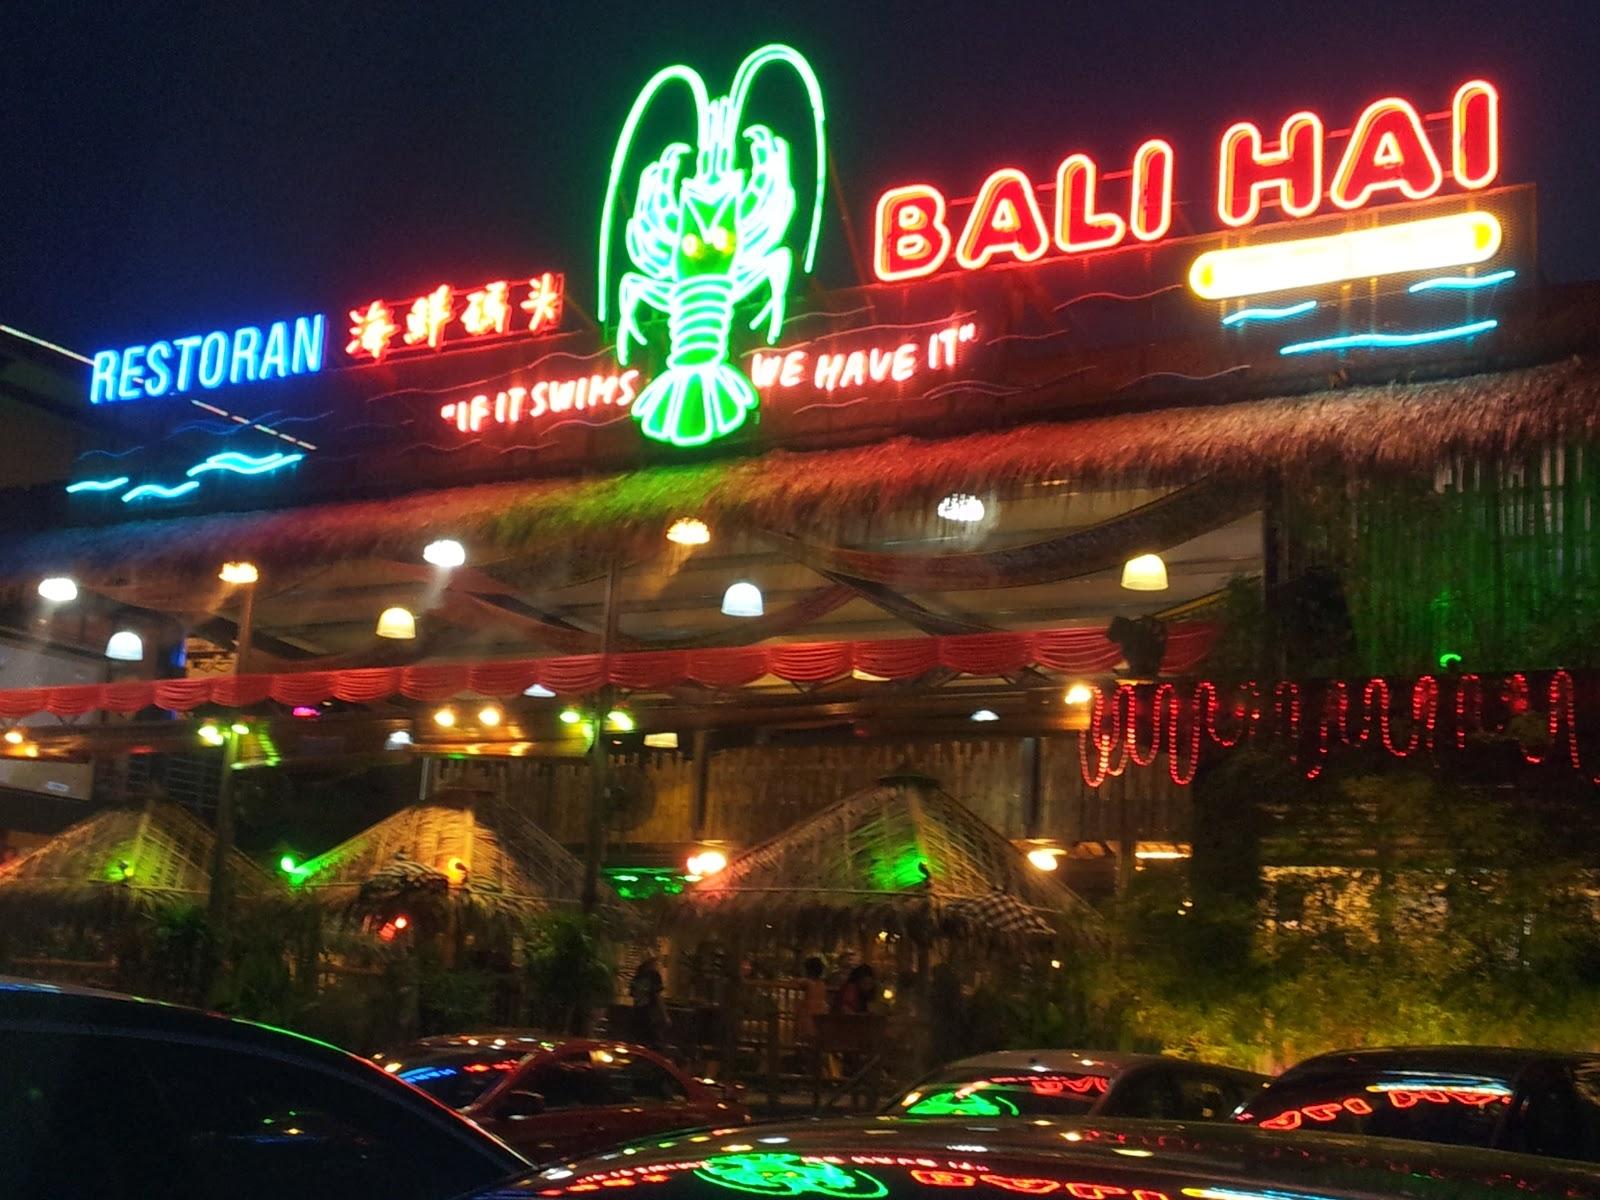 Oo00oo Bali Hai Seafood Village